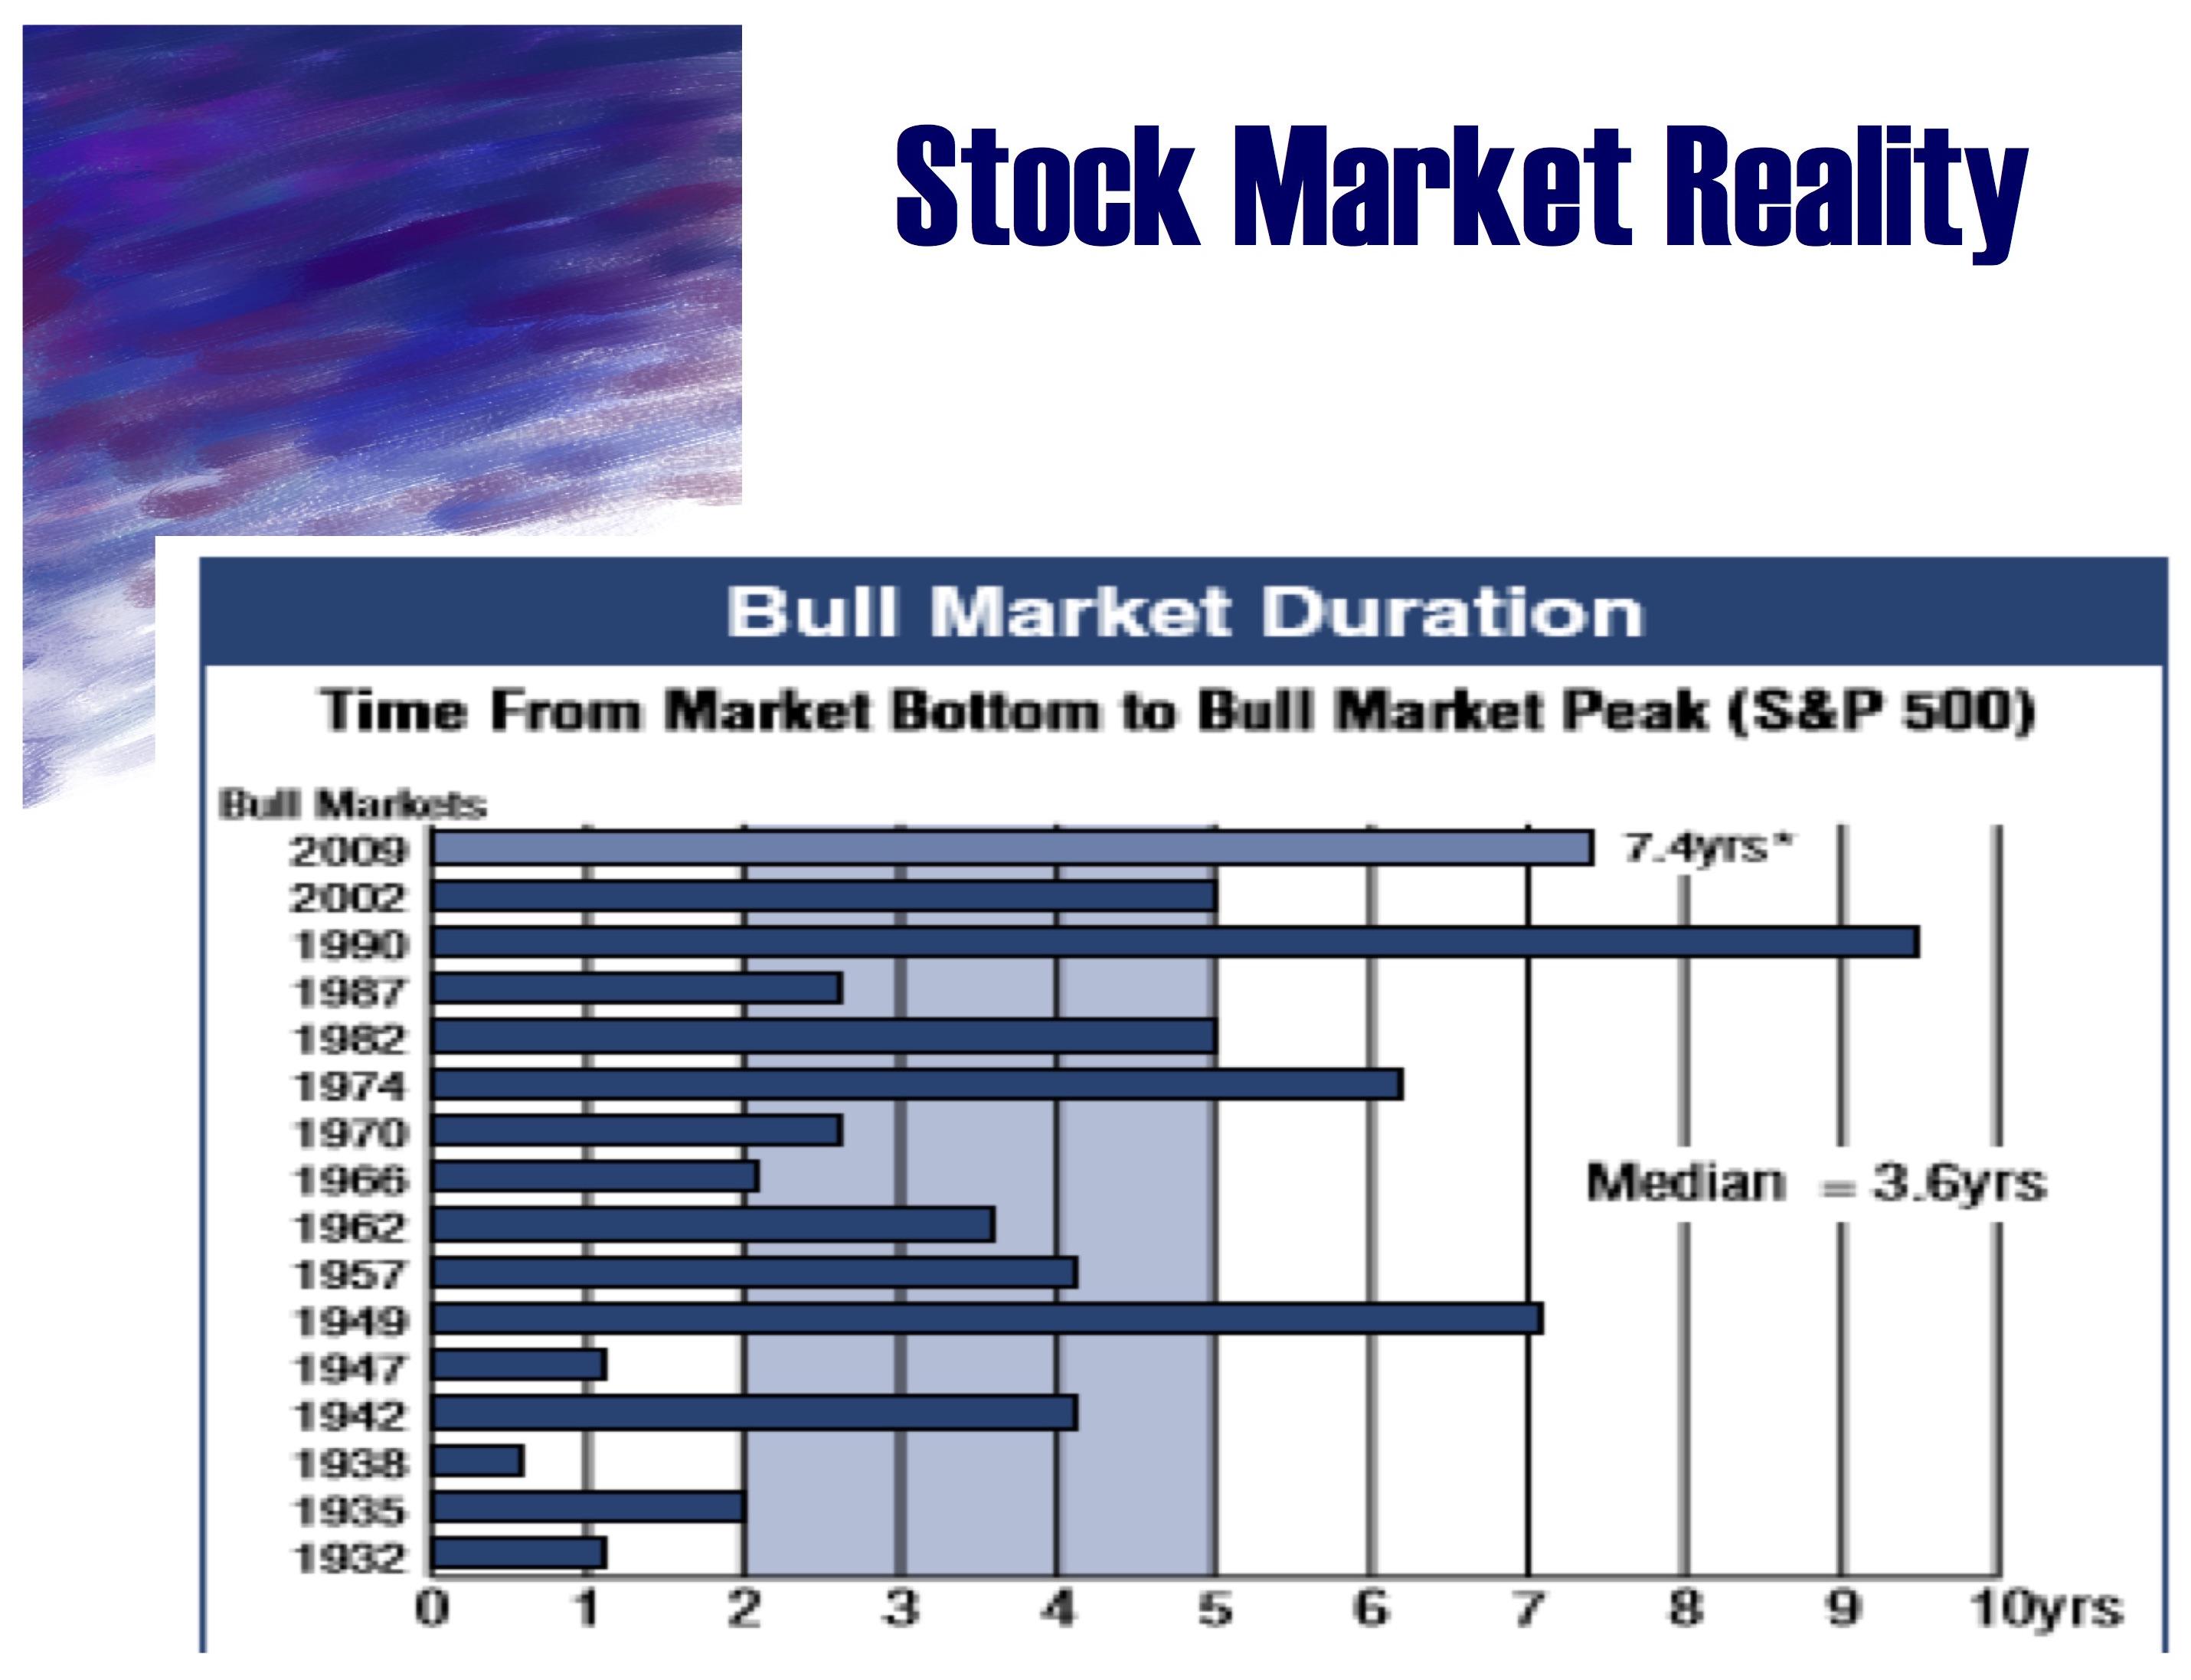 https://www.davisvanguard.org/wp-content/uploads/2016/11/Bull-Market-slide.jpg